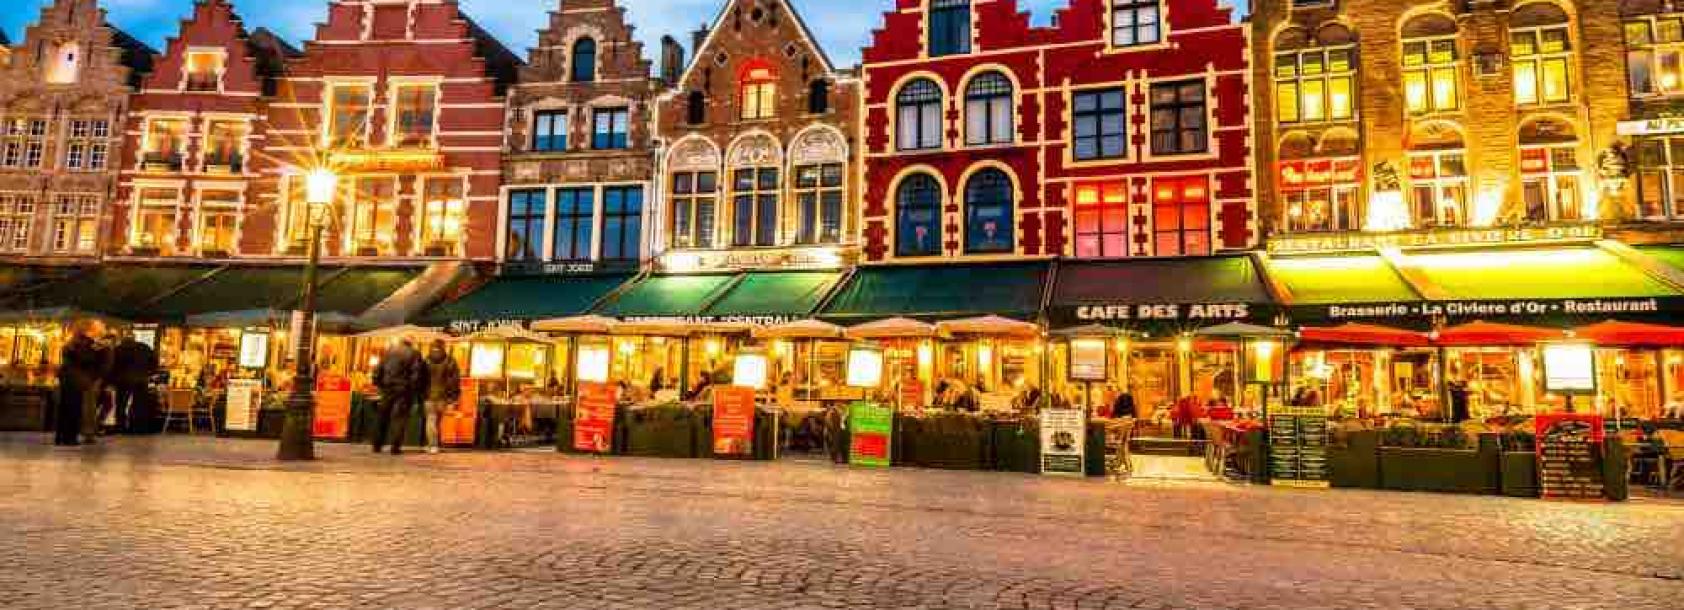 Belgium_Bruges (2)